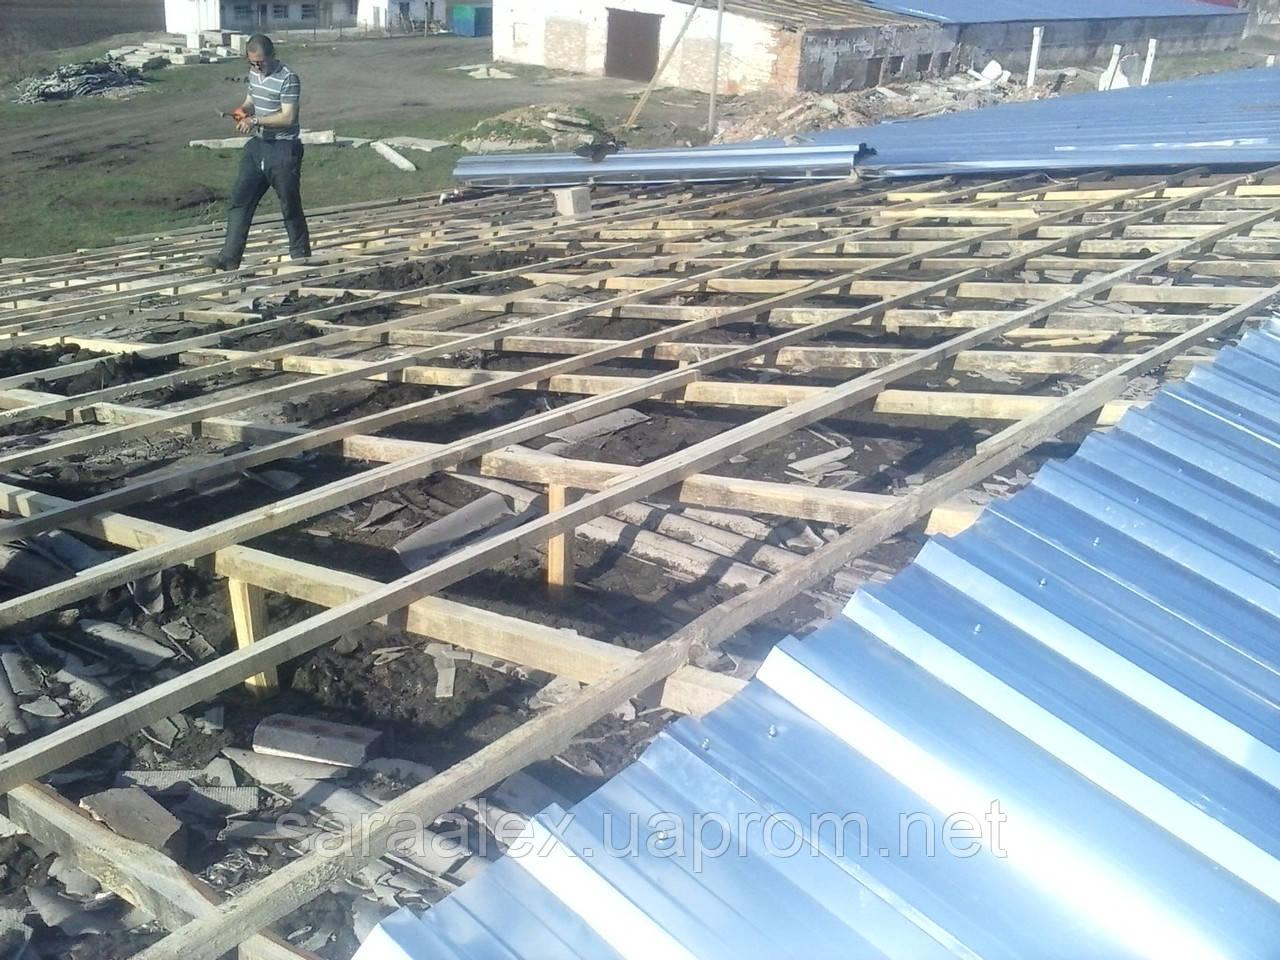 Ремонт и перекрытие крыш на зернохранилищах